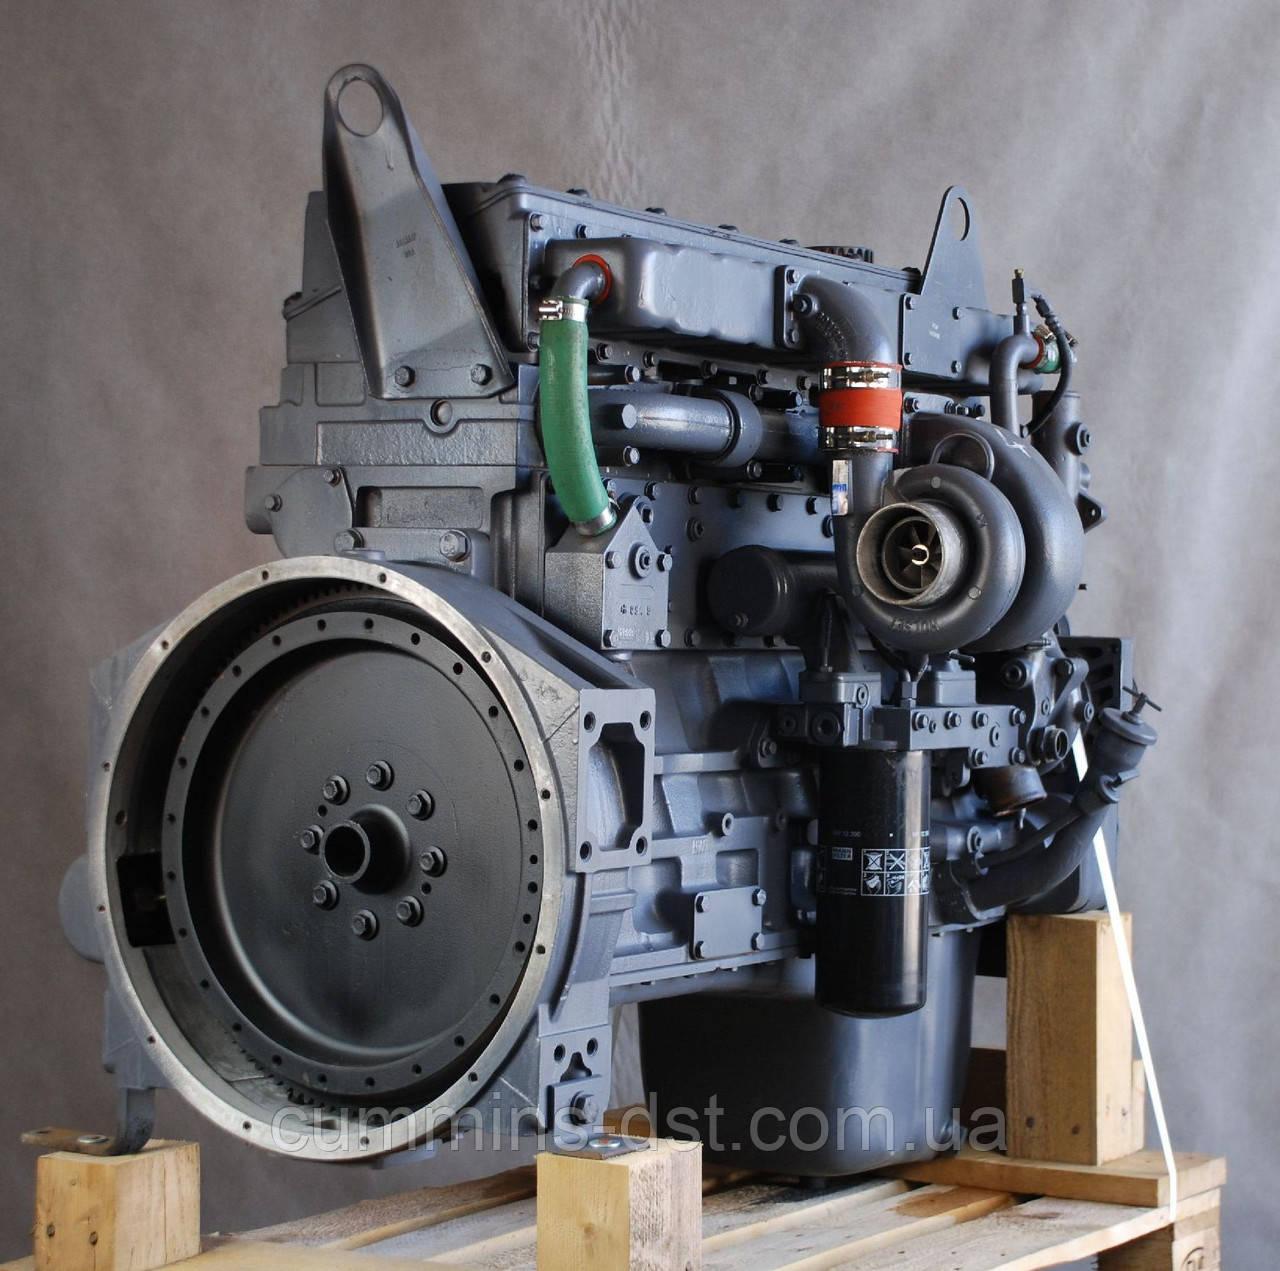 Двигатель Cummins M11-250hp